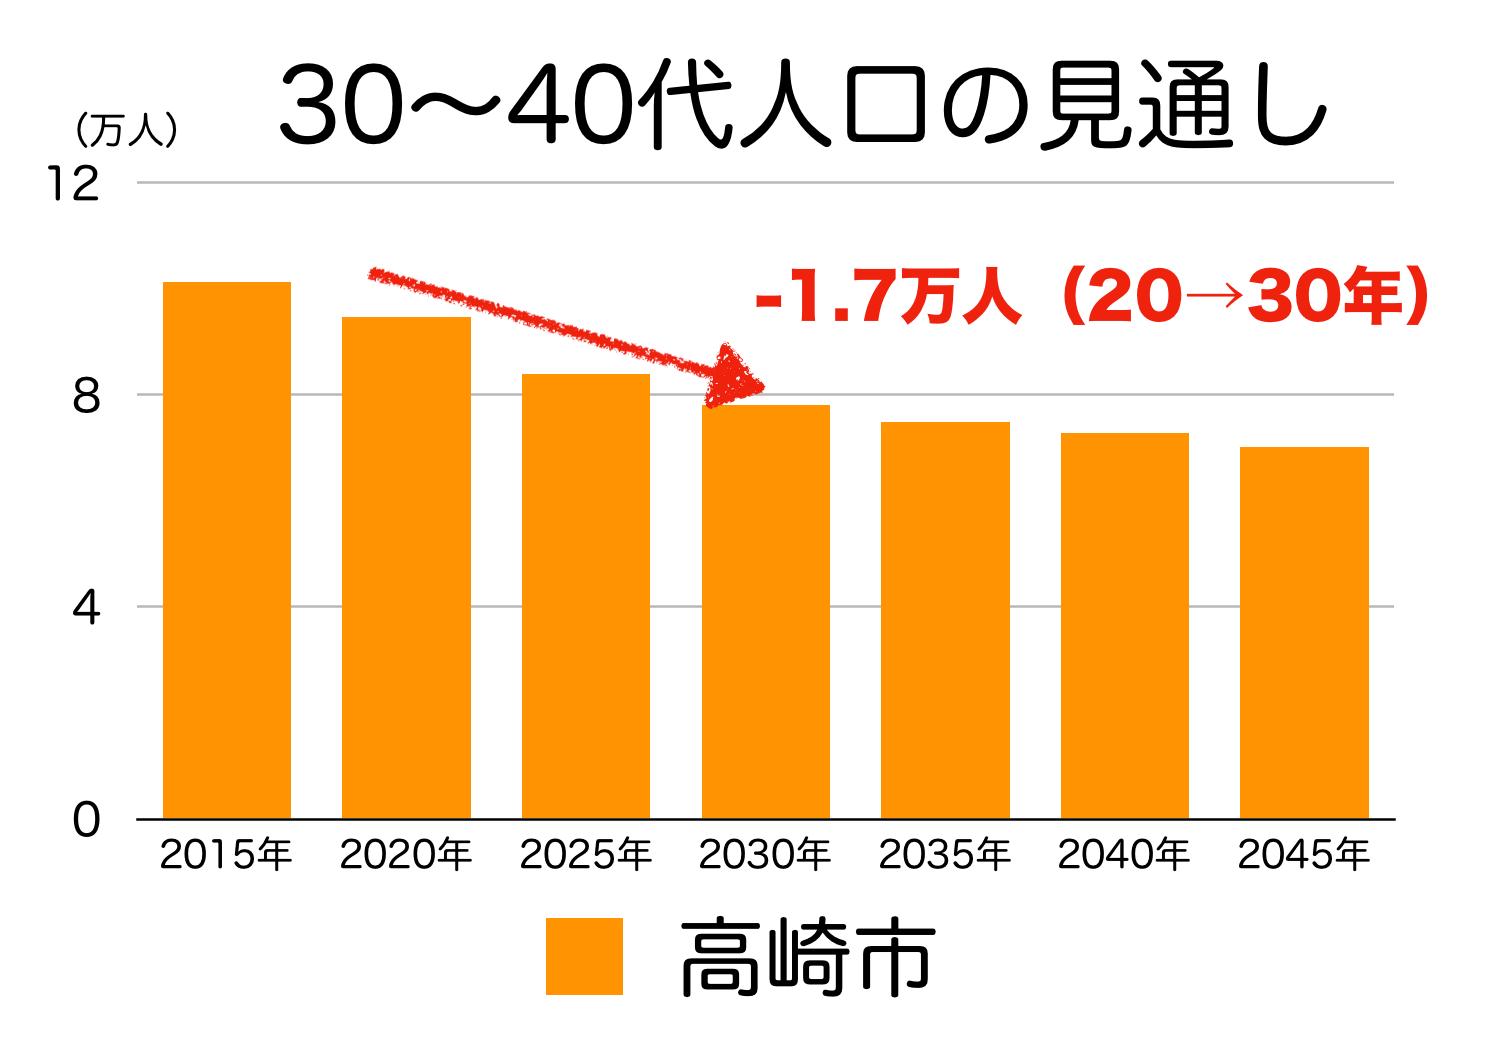 高崎市の30〜40代人口の予測